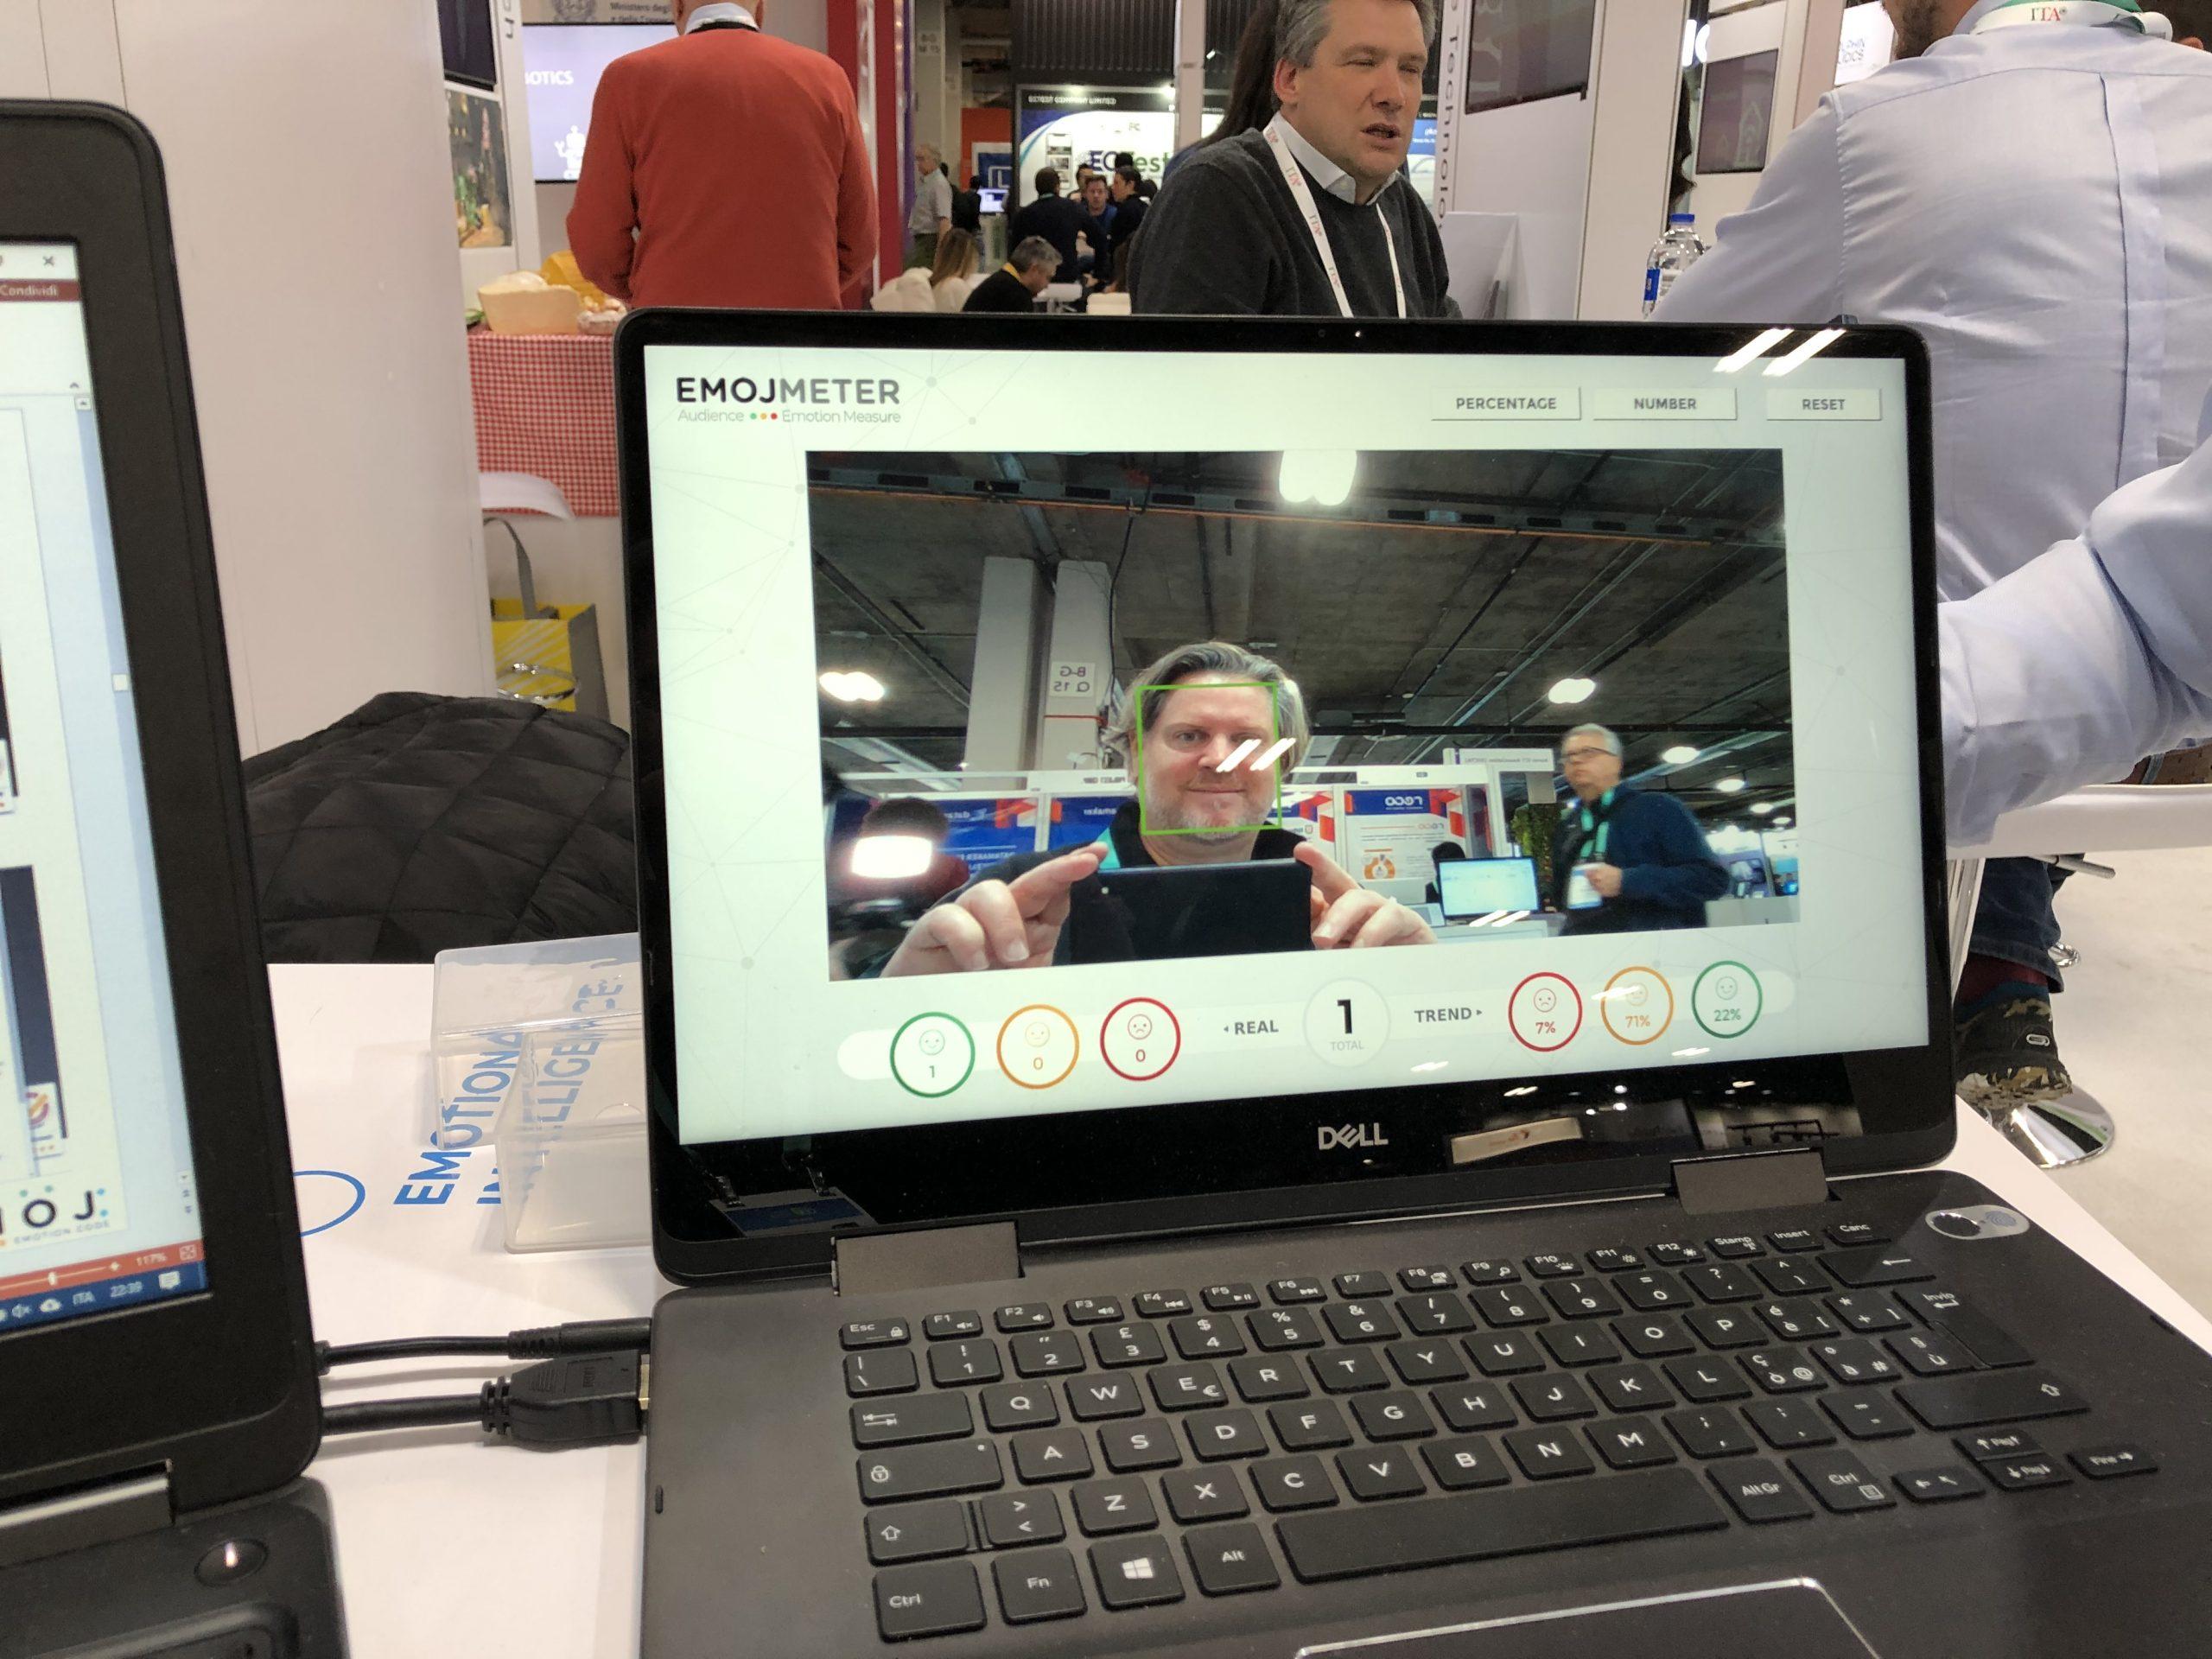 Emojmeter from Emoj software